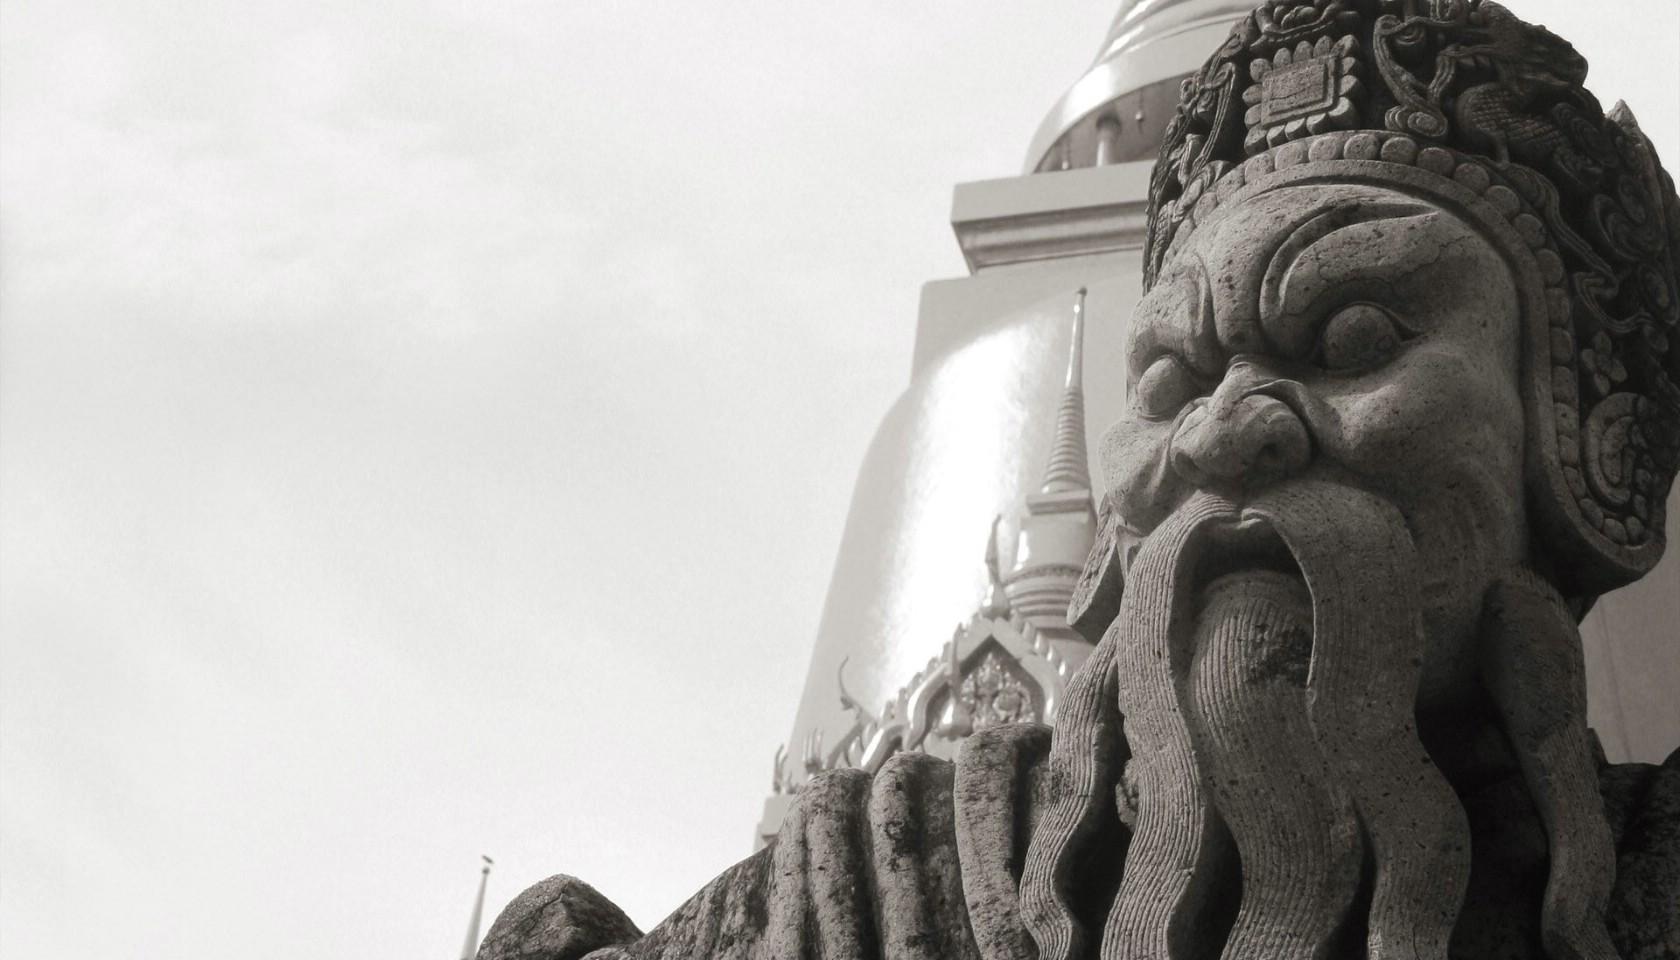 壁纸1680×960纯粹的光影美学 人文建筑黑白摄影壁纸 Wat Phra Kaew Bangkok 曼谷玉佛寺桌面壁纸壁纸 纯粹的光影美学人文建筑黑白摄影壁纸壁纸图片人文壁纸人文图片素材桌面壁纸